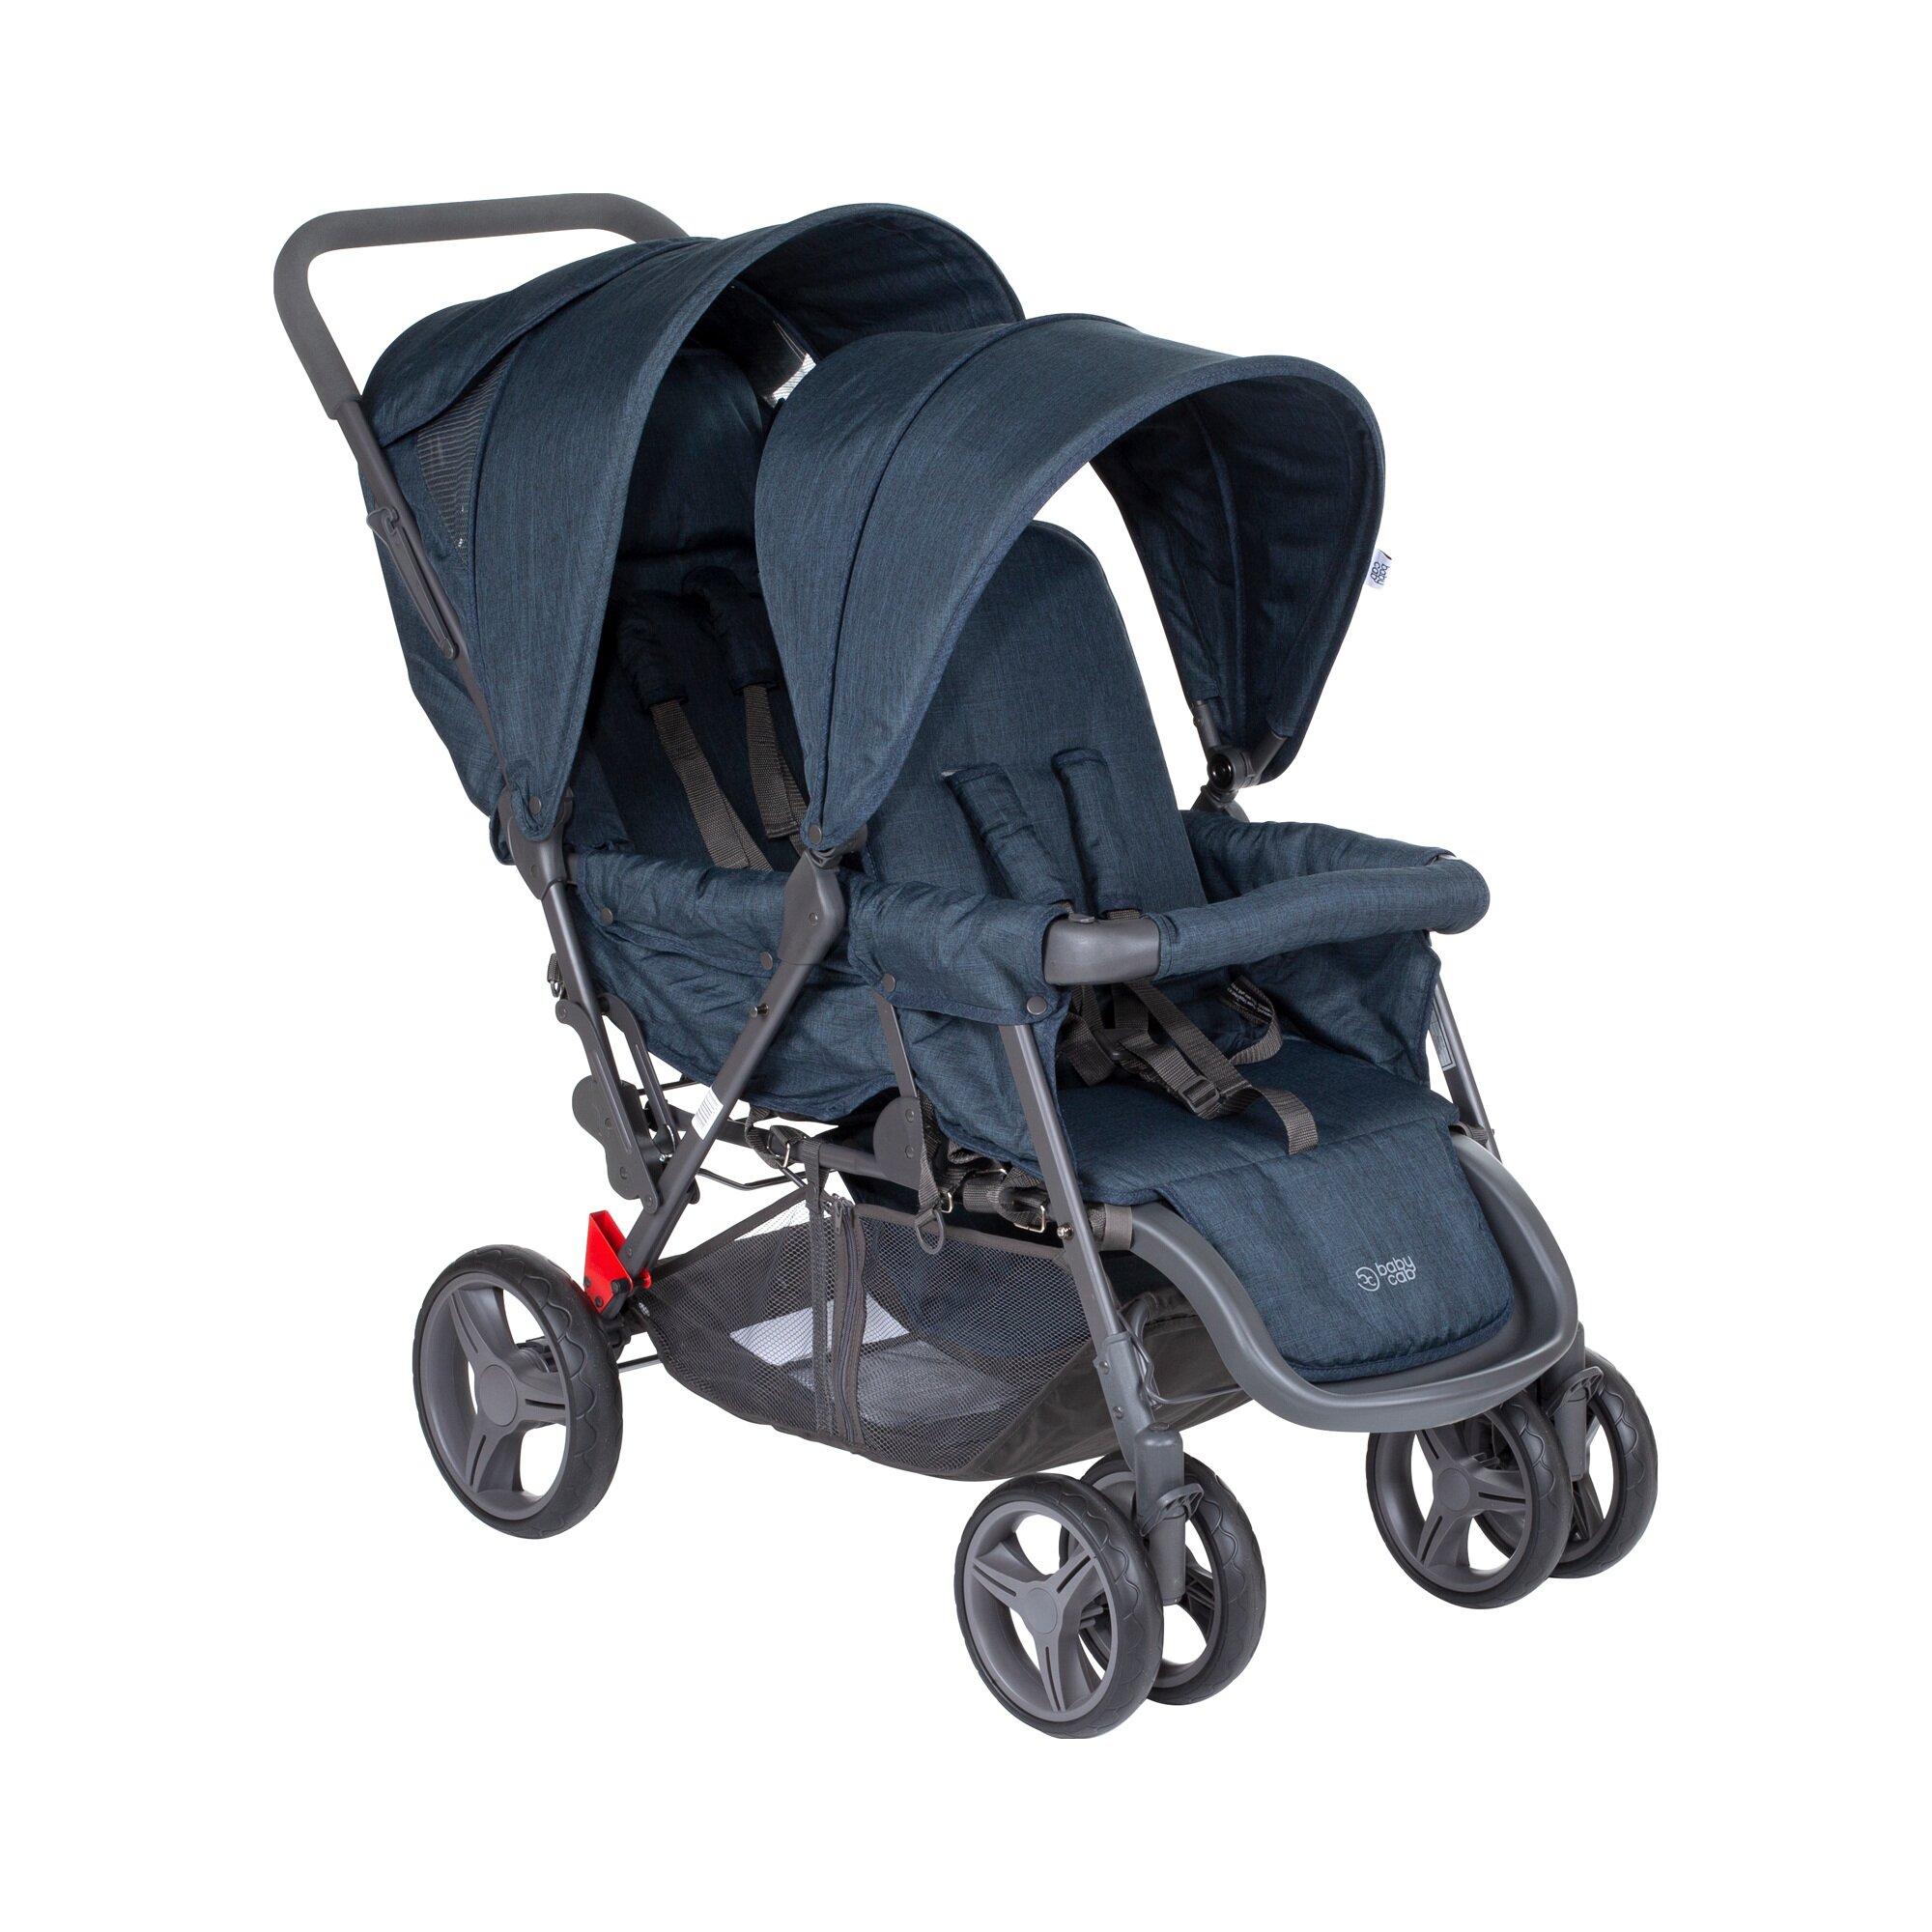 babycab-zwillings-und-kinderwagen-geschwisterwagen-anna-lena